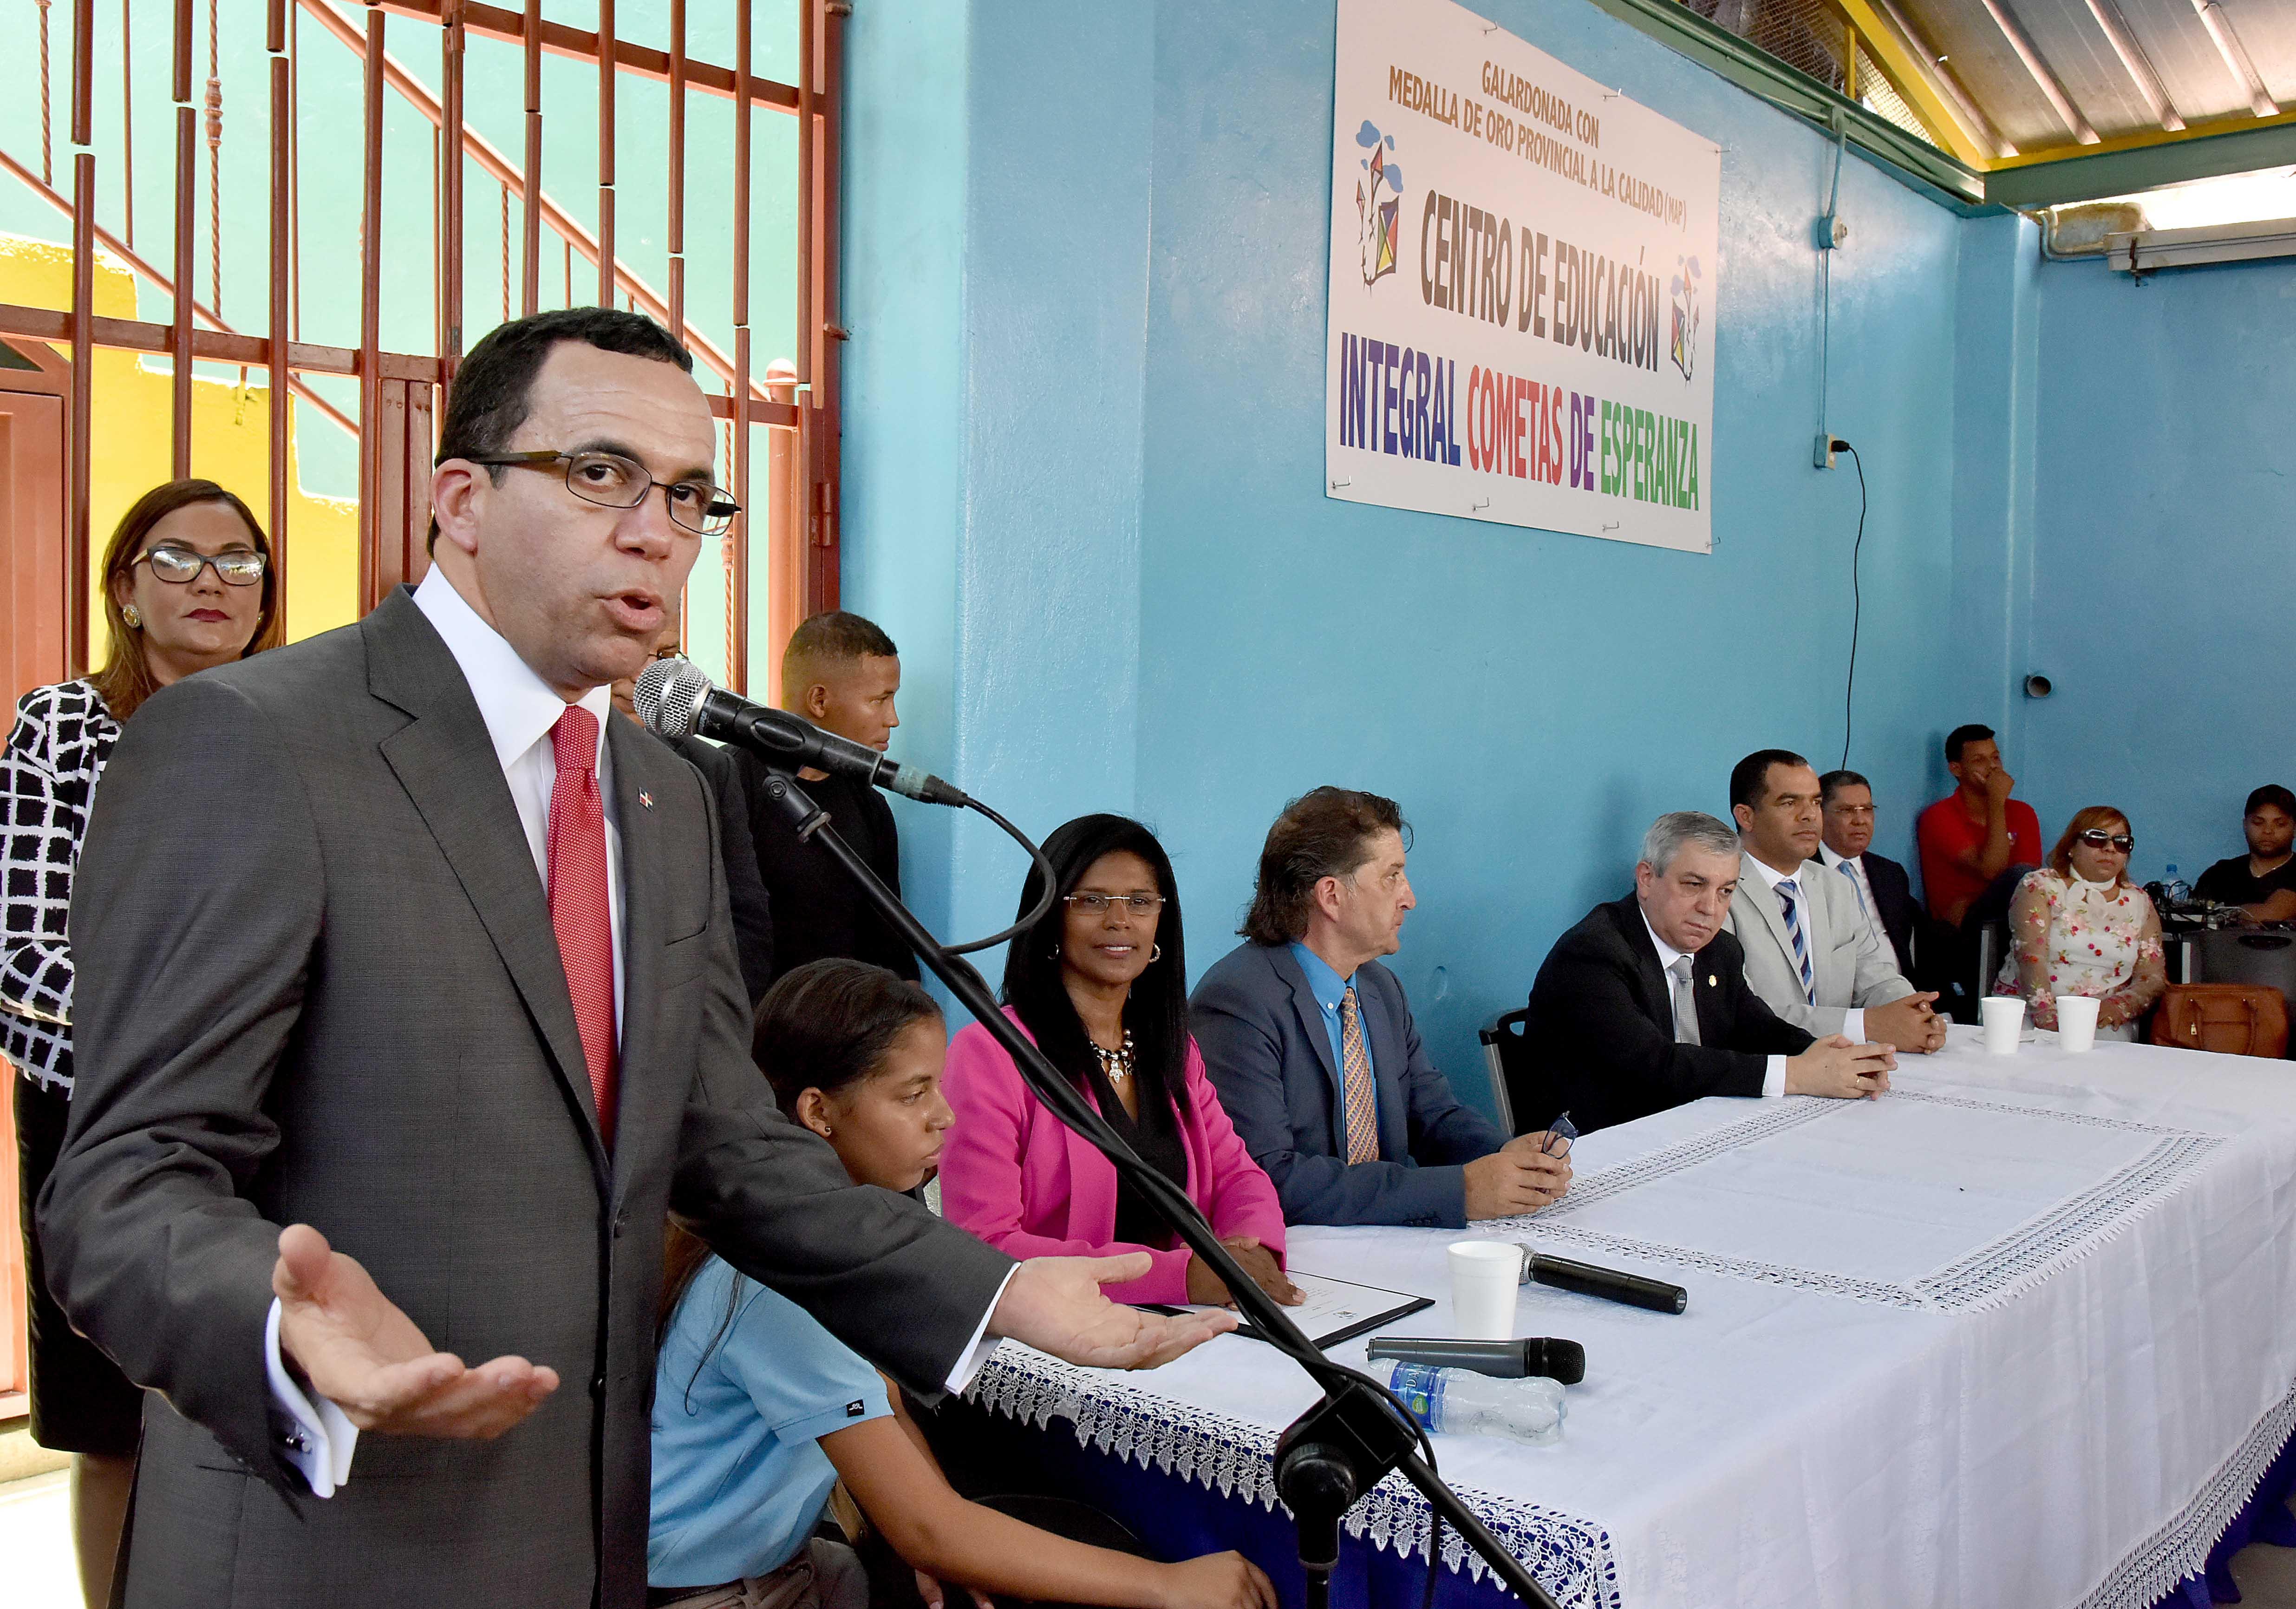 Firman acuerdo para brindar educación a niños vulnerables